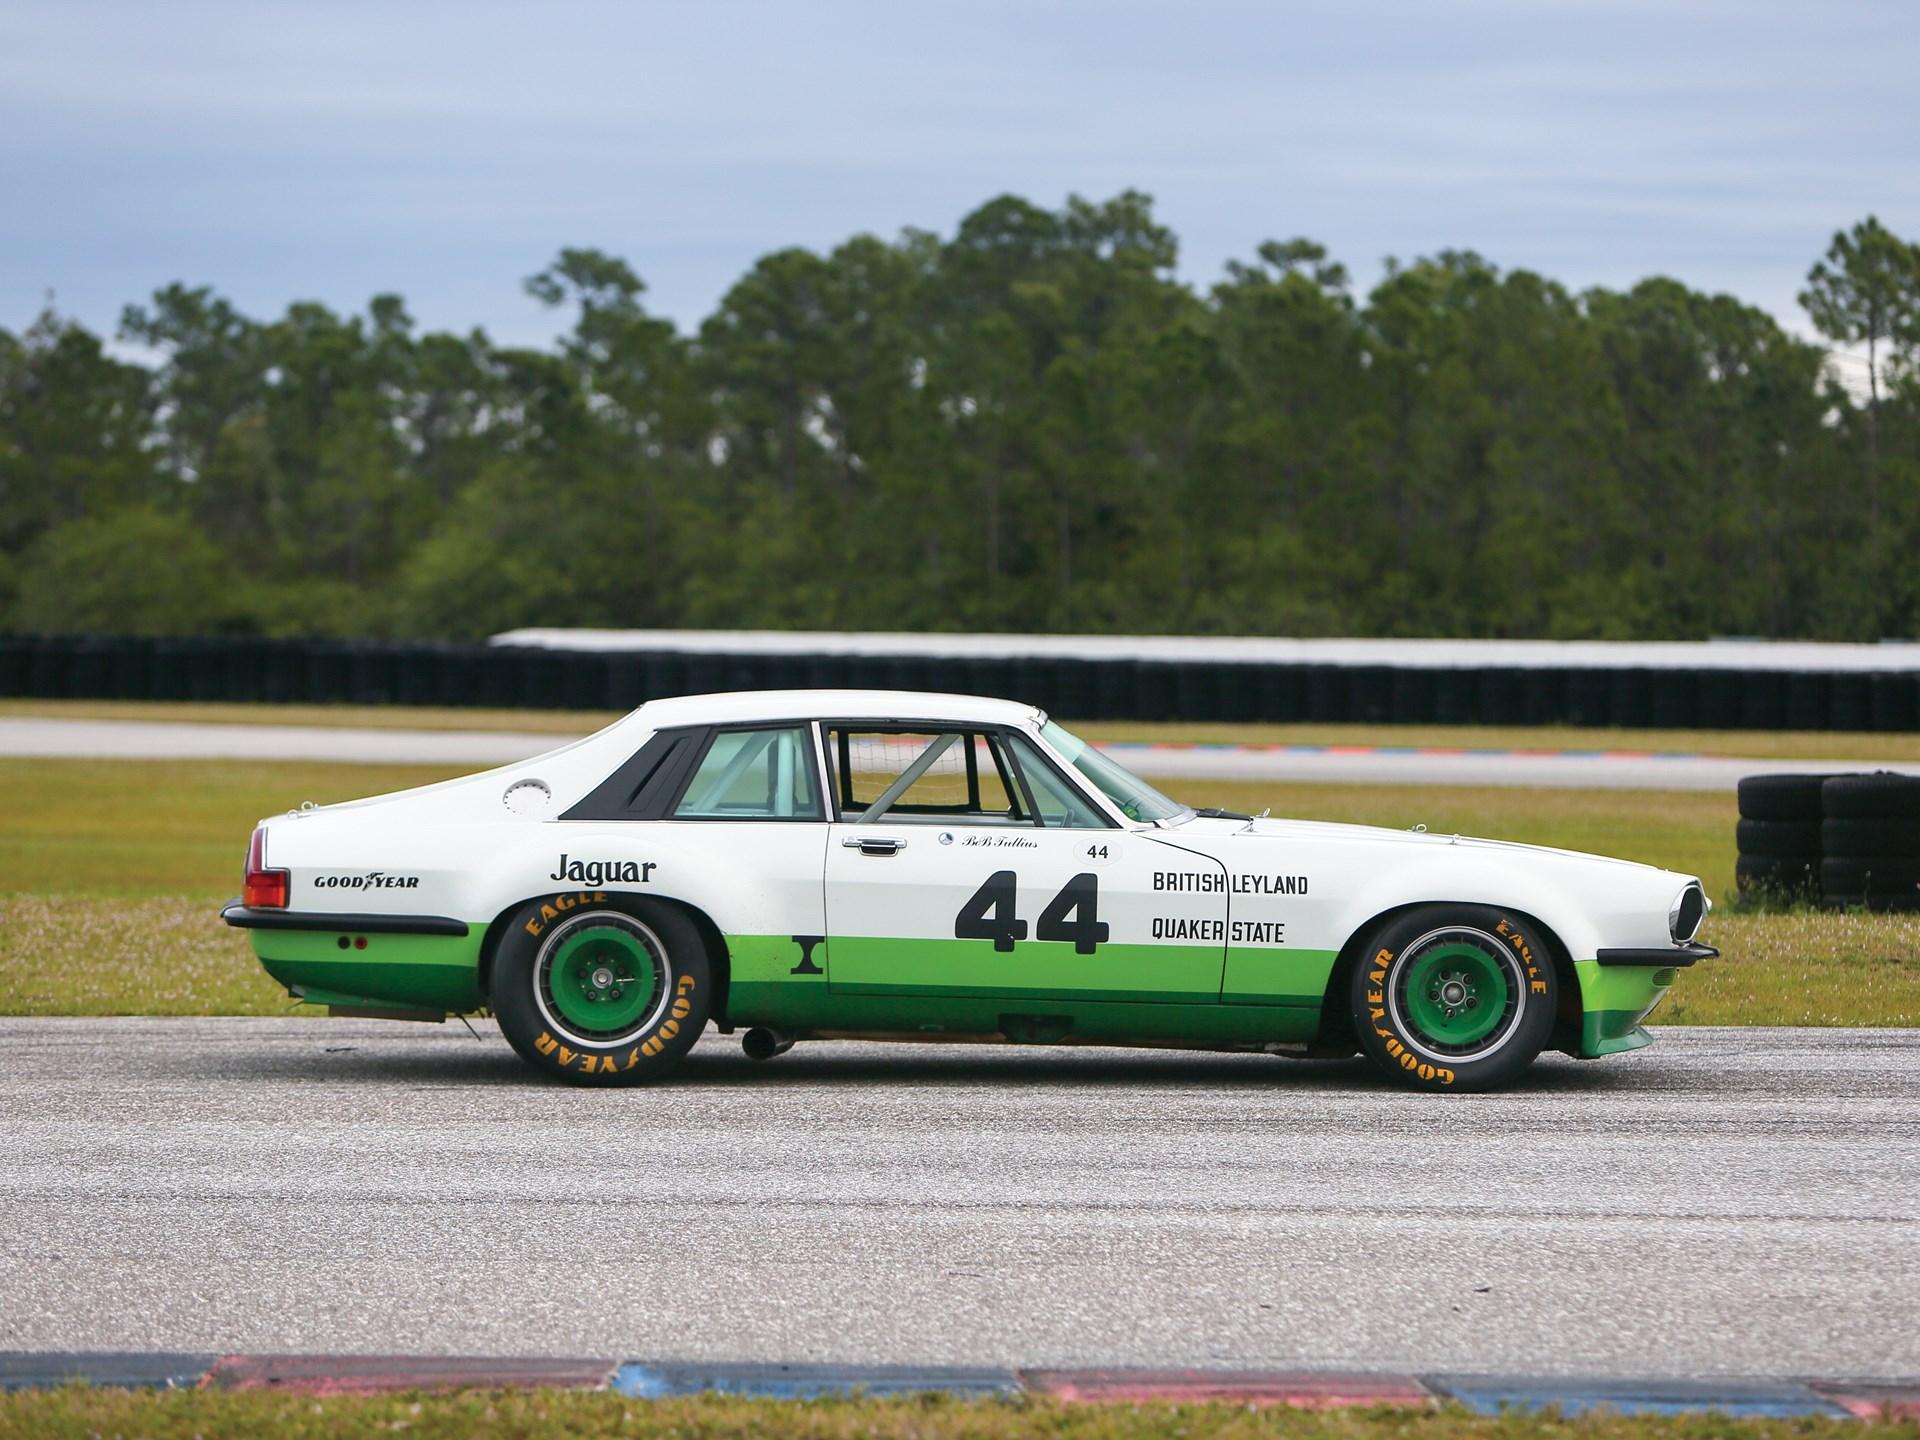 vintage racing jaguar side-view